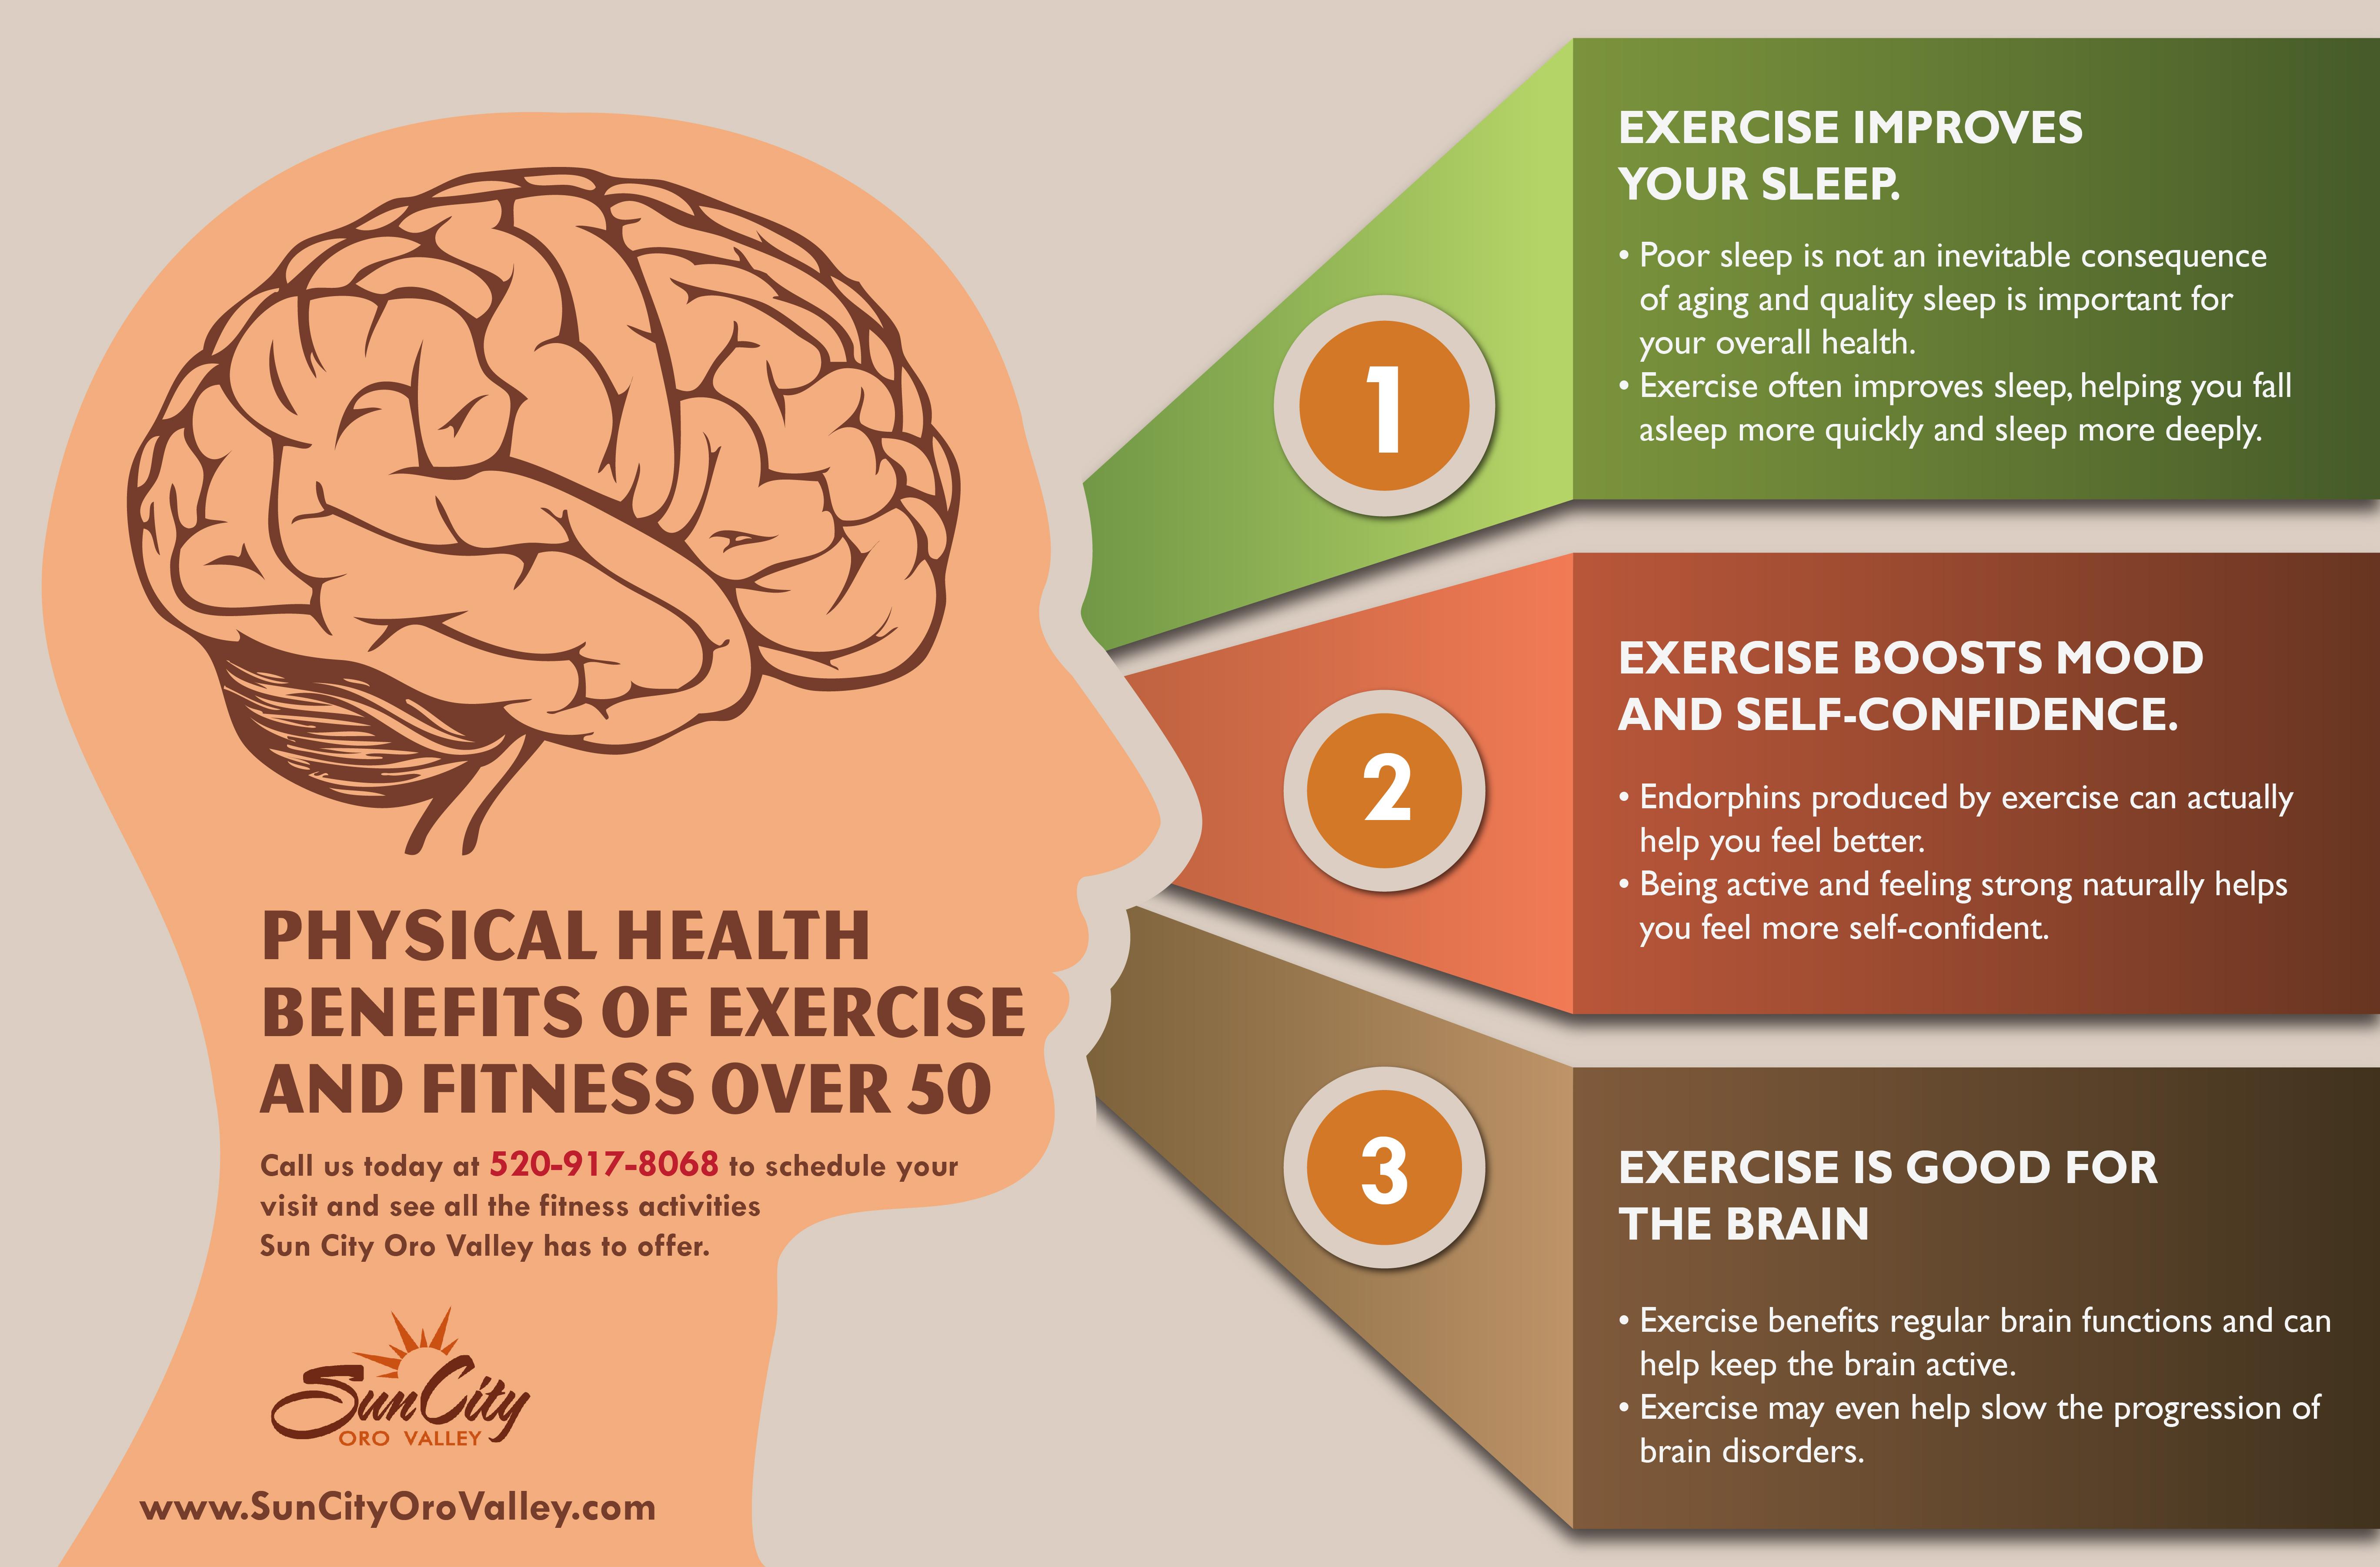 018 D6d3a911e0230557d9d5f7b44d226c88 Full Essay On Sleep And Good Health Fascinating Full